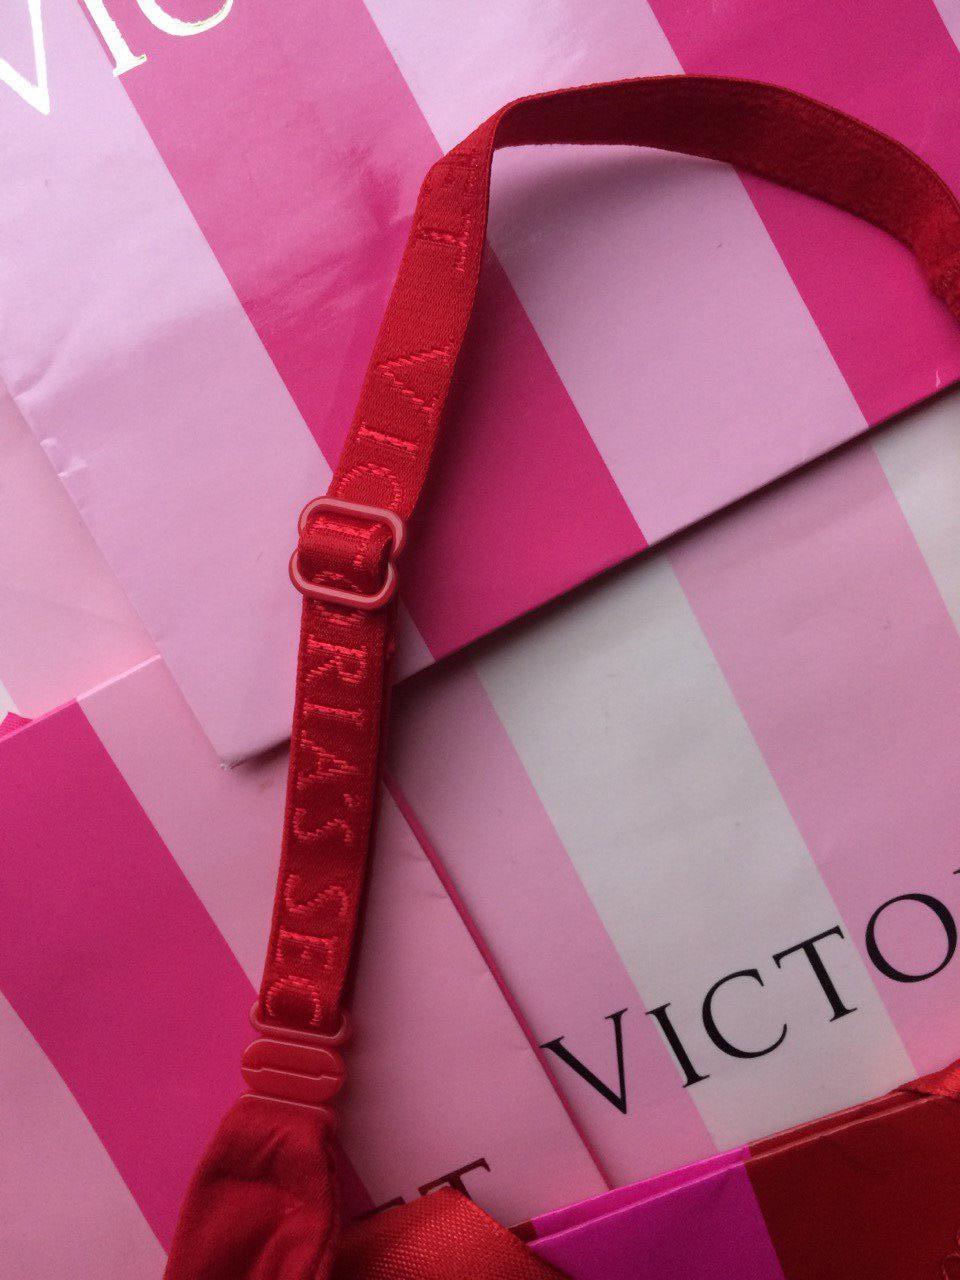 Лифчик Victoria's Secret 34C